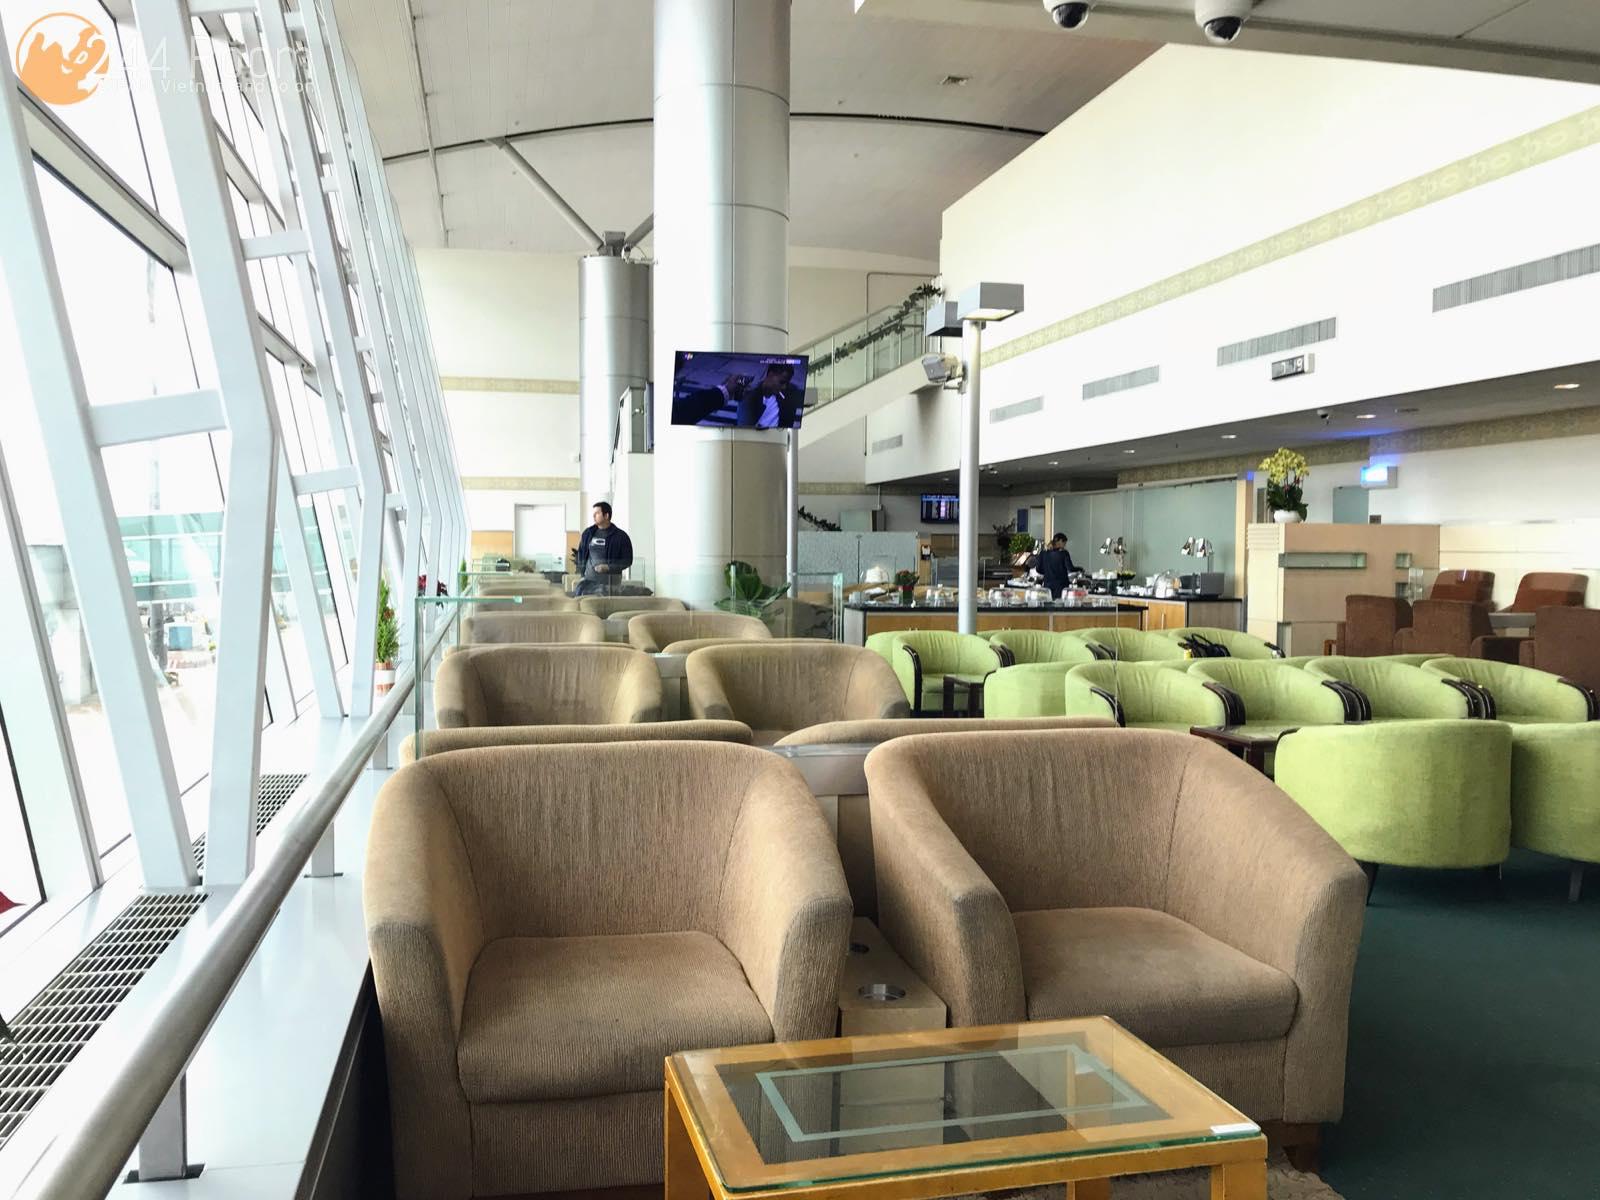 Tansonnhat Orchid Lounge タンソンニャット国際空港オーキッドラウンジ2